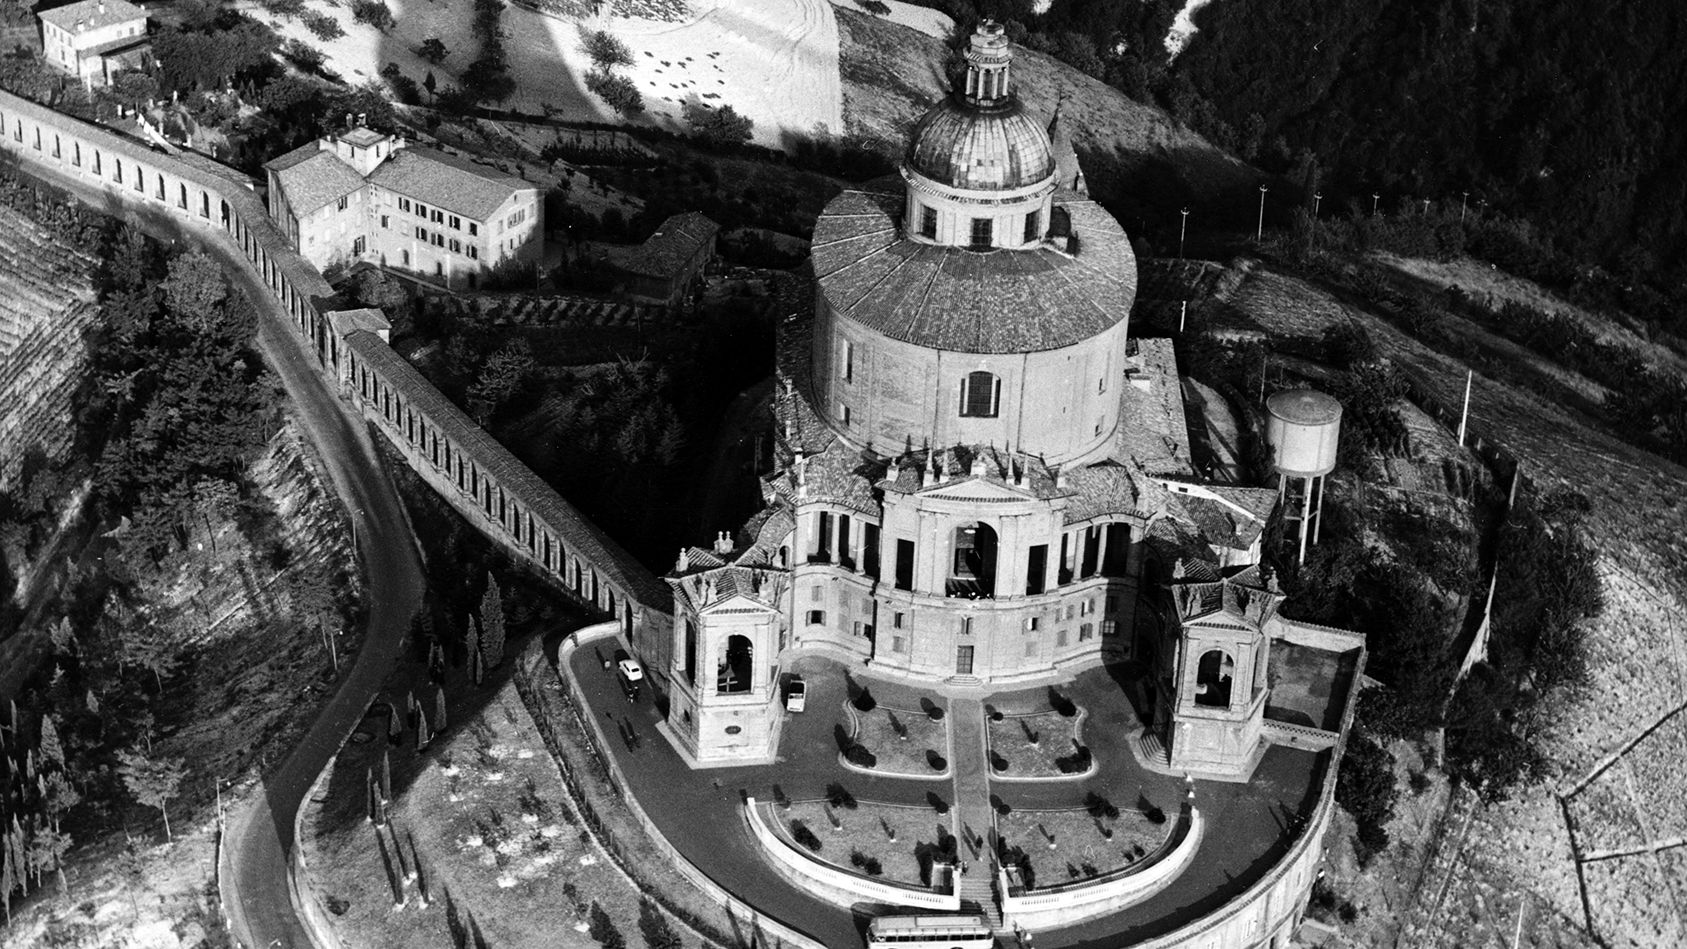 Veduta di San Luca - Bologna, Studio Silvagni-Natali commercialisti associati, archivio fotografico storico Fotowall di Walter Breviglieri